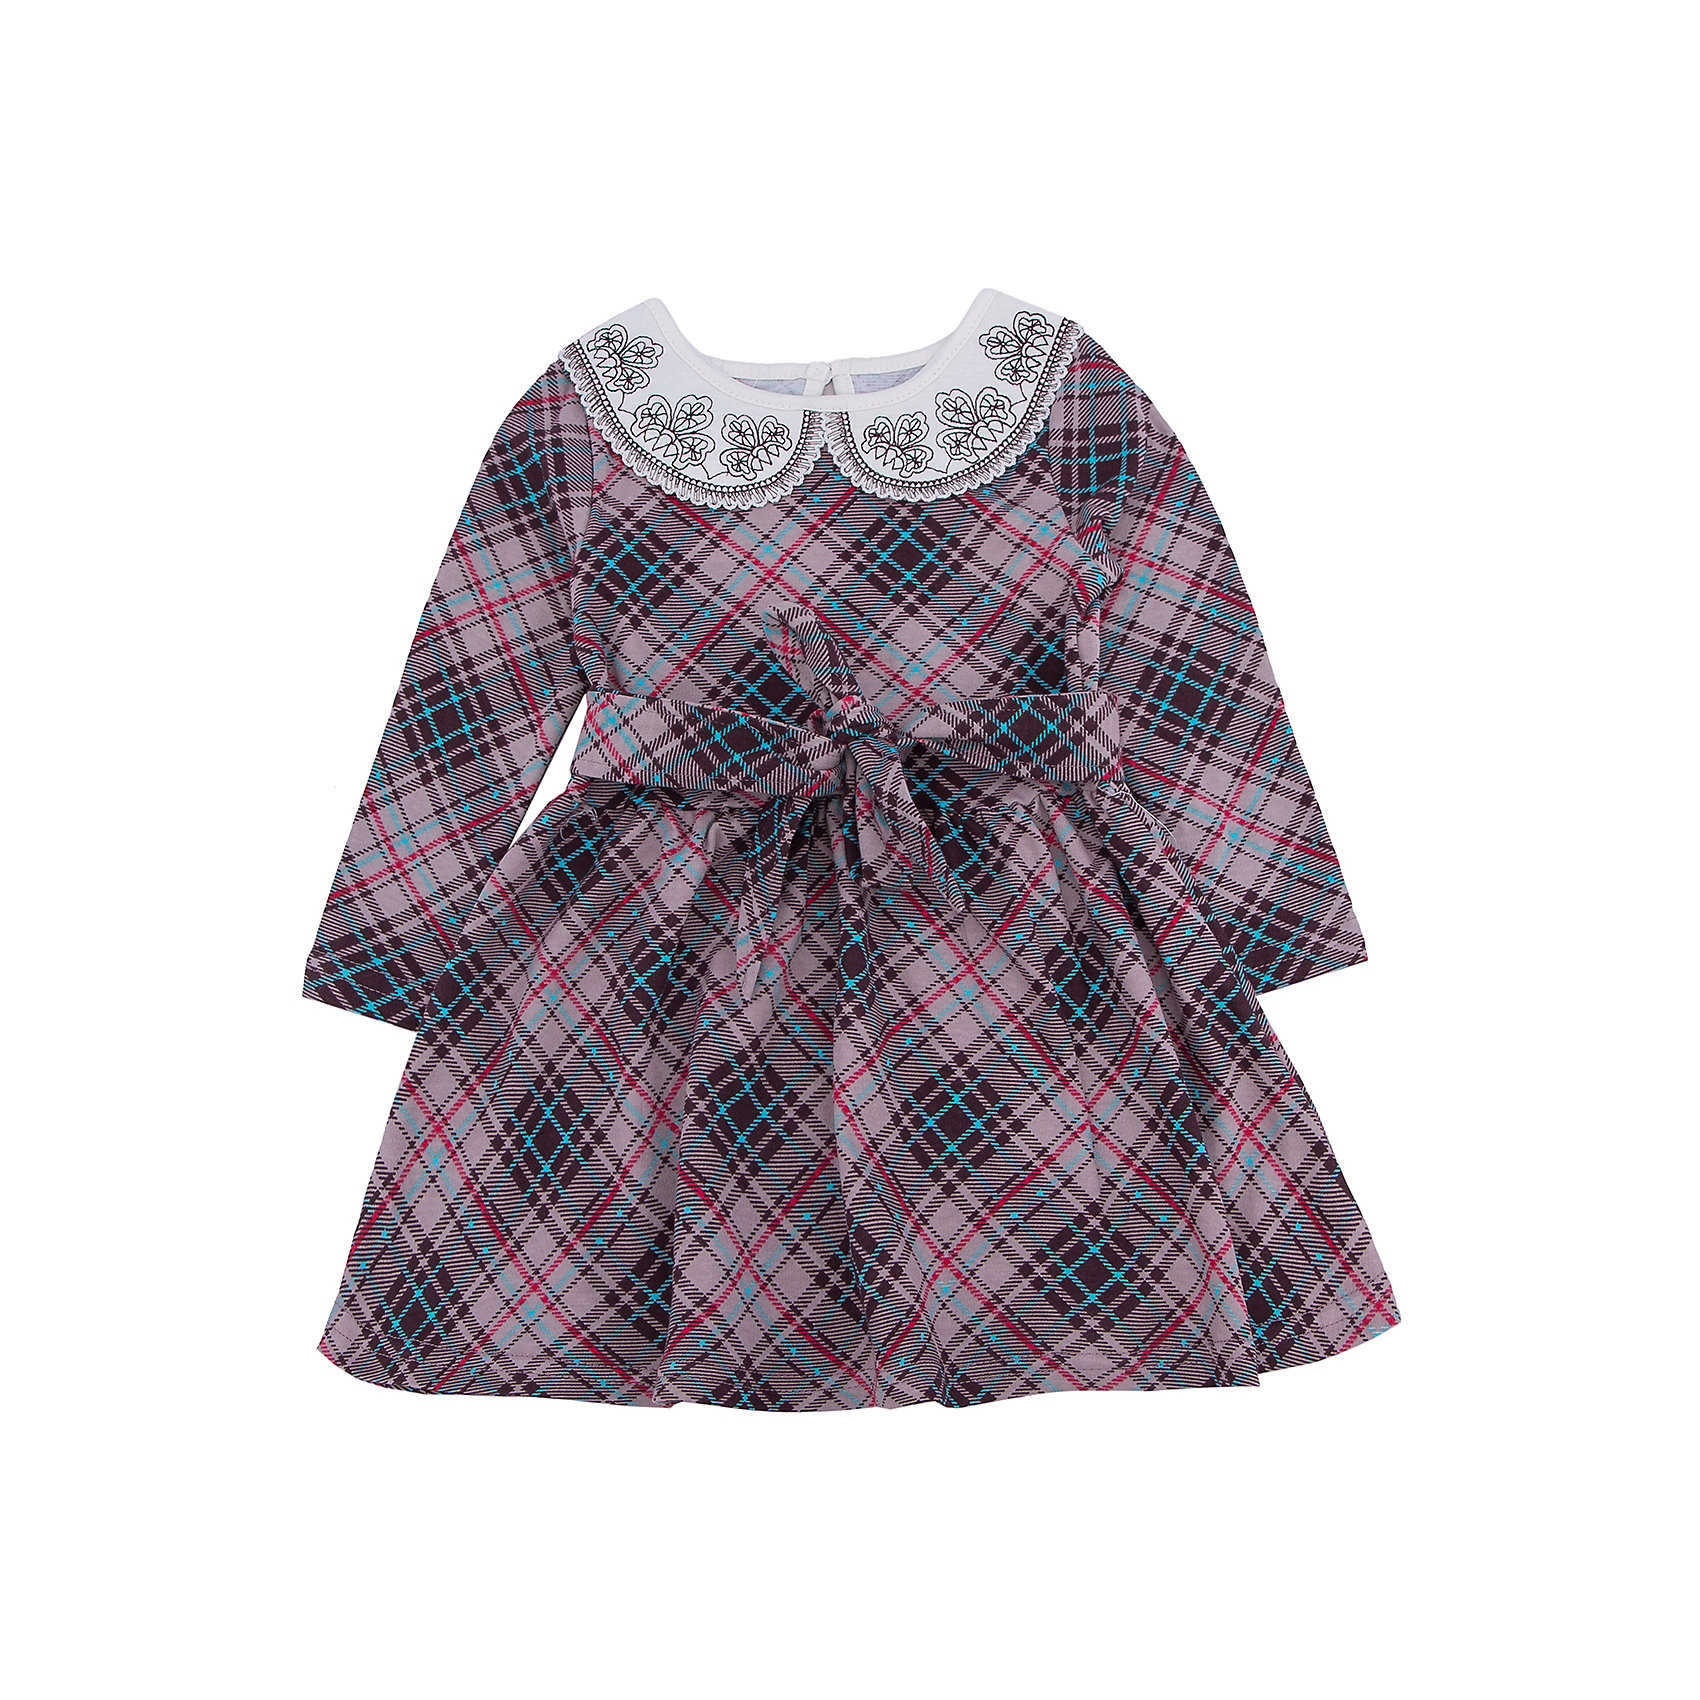 Платье для девочки АпрельПлатье для девочки от известного бренда Апрель.<br>Стильное платье выполнено из плотного хлопкового полотна. Изделие с длинными рукавами, декорировано поясом, а также отложным воротничком контрастного цвета с изящной вышивкой, застегивается на пуговицу на спинке. Отличный вариант для маленькой леди как на праздник, так и на каждый день! Рекомендуется машинная стирка при температуре 40 градусов без предварительного замачивания.<br>Состав:<br>хлопок 100%<br><br>Ширина мм: 236<br>Глубина мм: 16<br>Высота мм: 184<br>Вес г: 177<br>Цвет: коричневый<br>Возраст от месяцев: 18<br>Возраст до месяцев: 24<br>Пол: Женский<br>Возраст: Детский<br>Размер: 104,110,116,122,128,134,140,146,92,98<br>SKU: 5006907